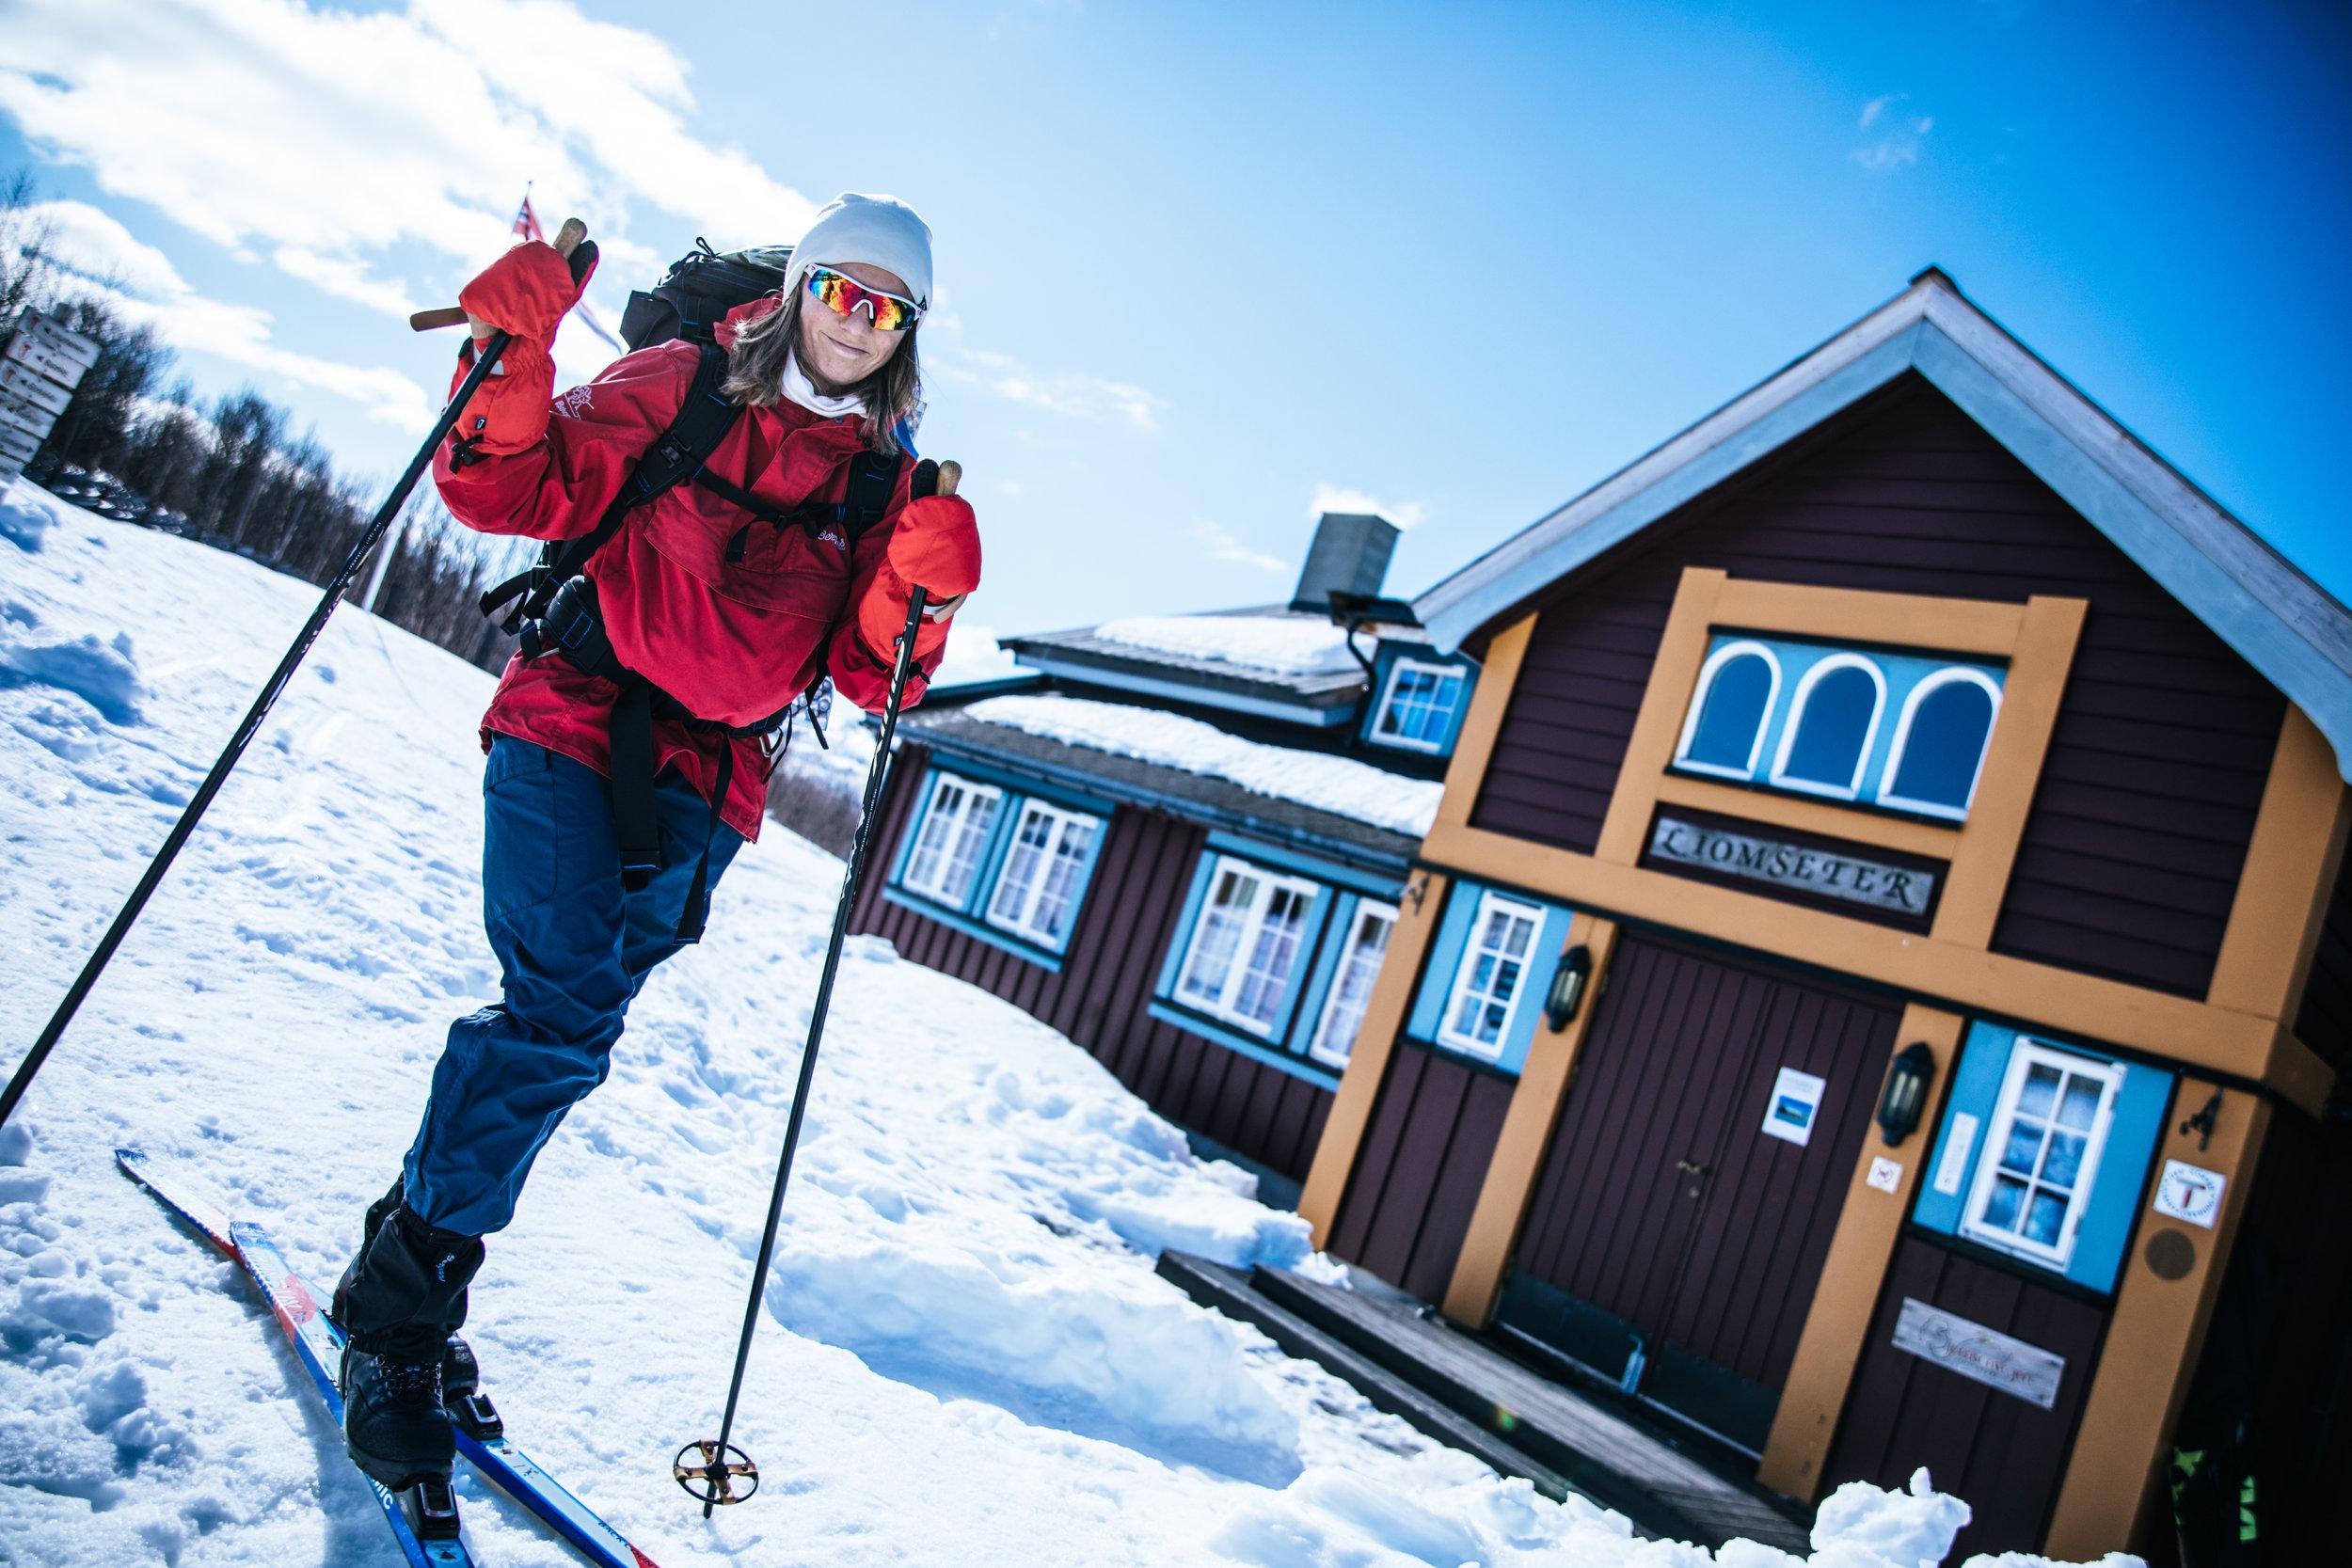 Mange unge har gledet seg i fjellet i påsken. Foto: Eivind Haugstad Kleiven/Turistforeningen